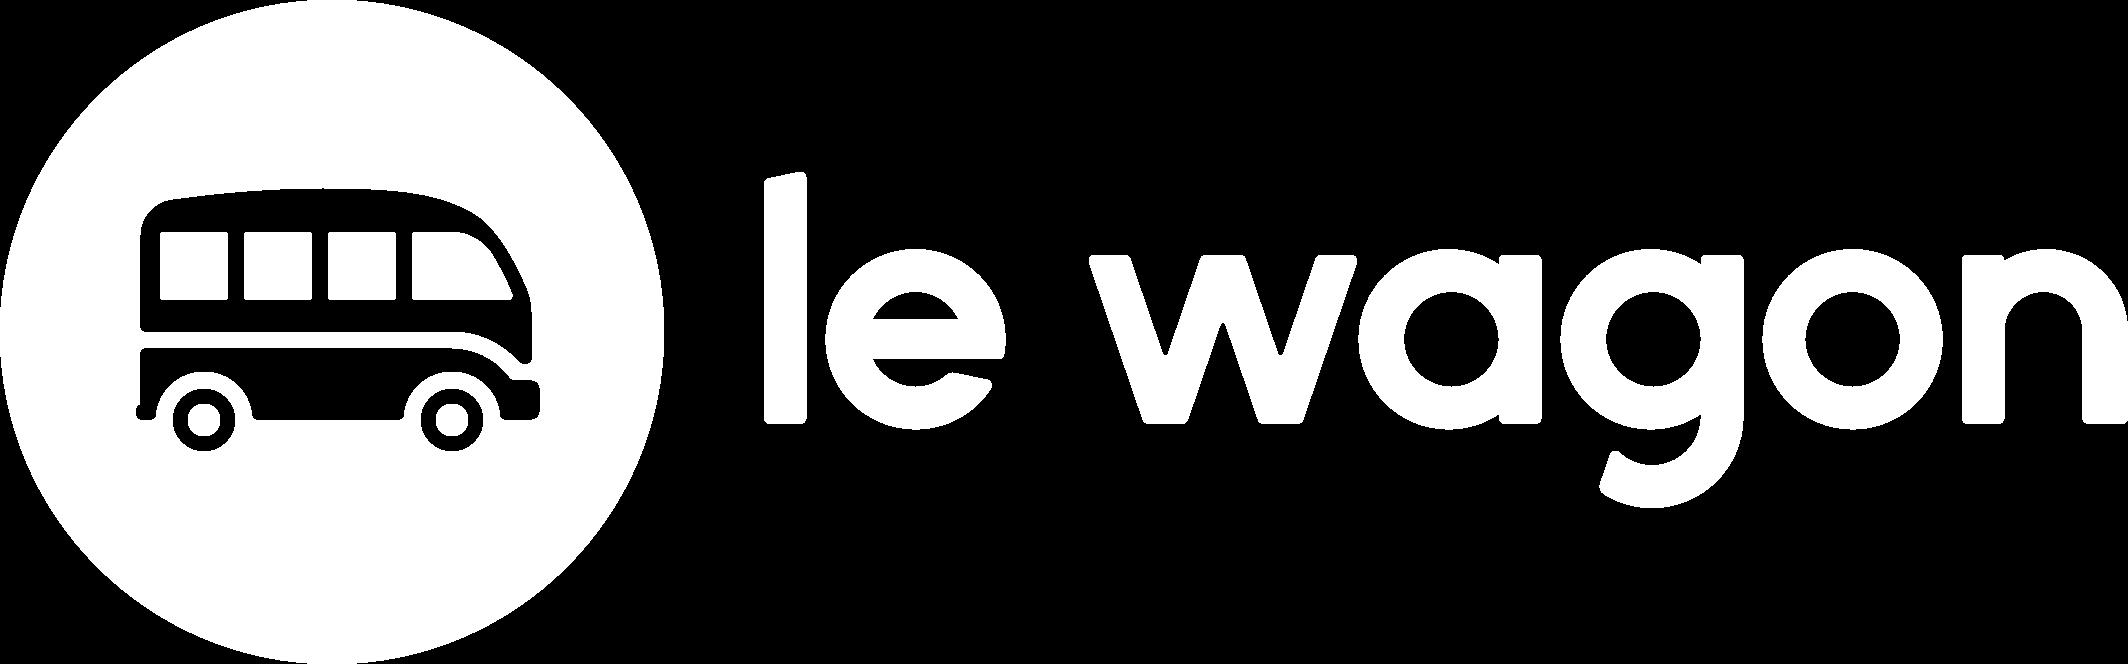 le-wagon-white